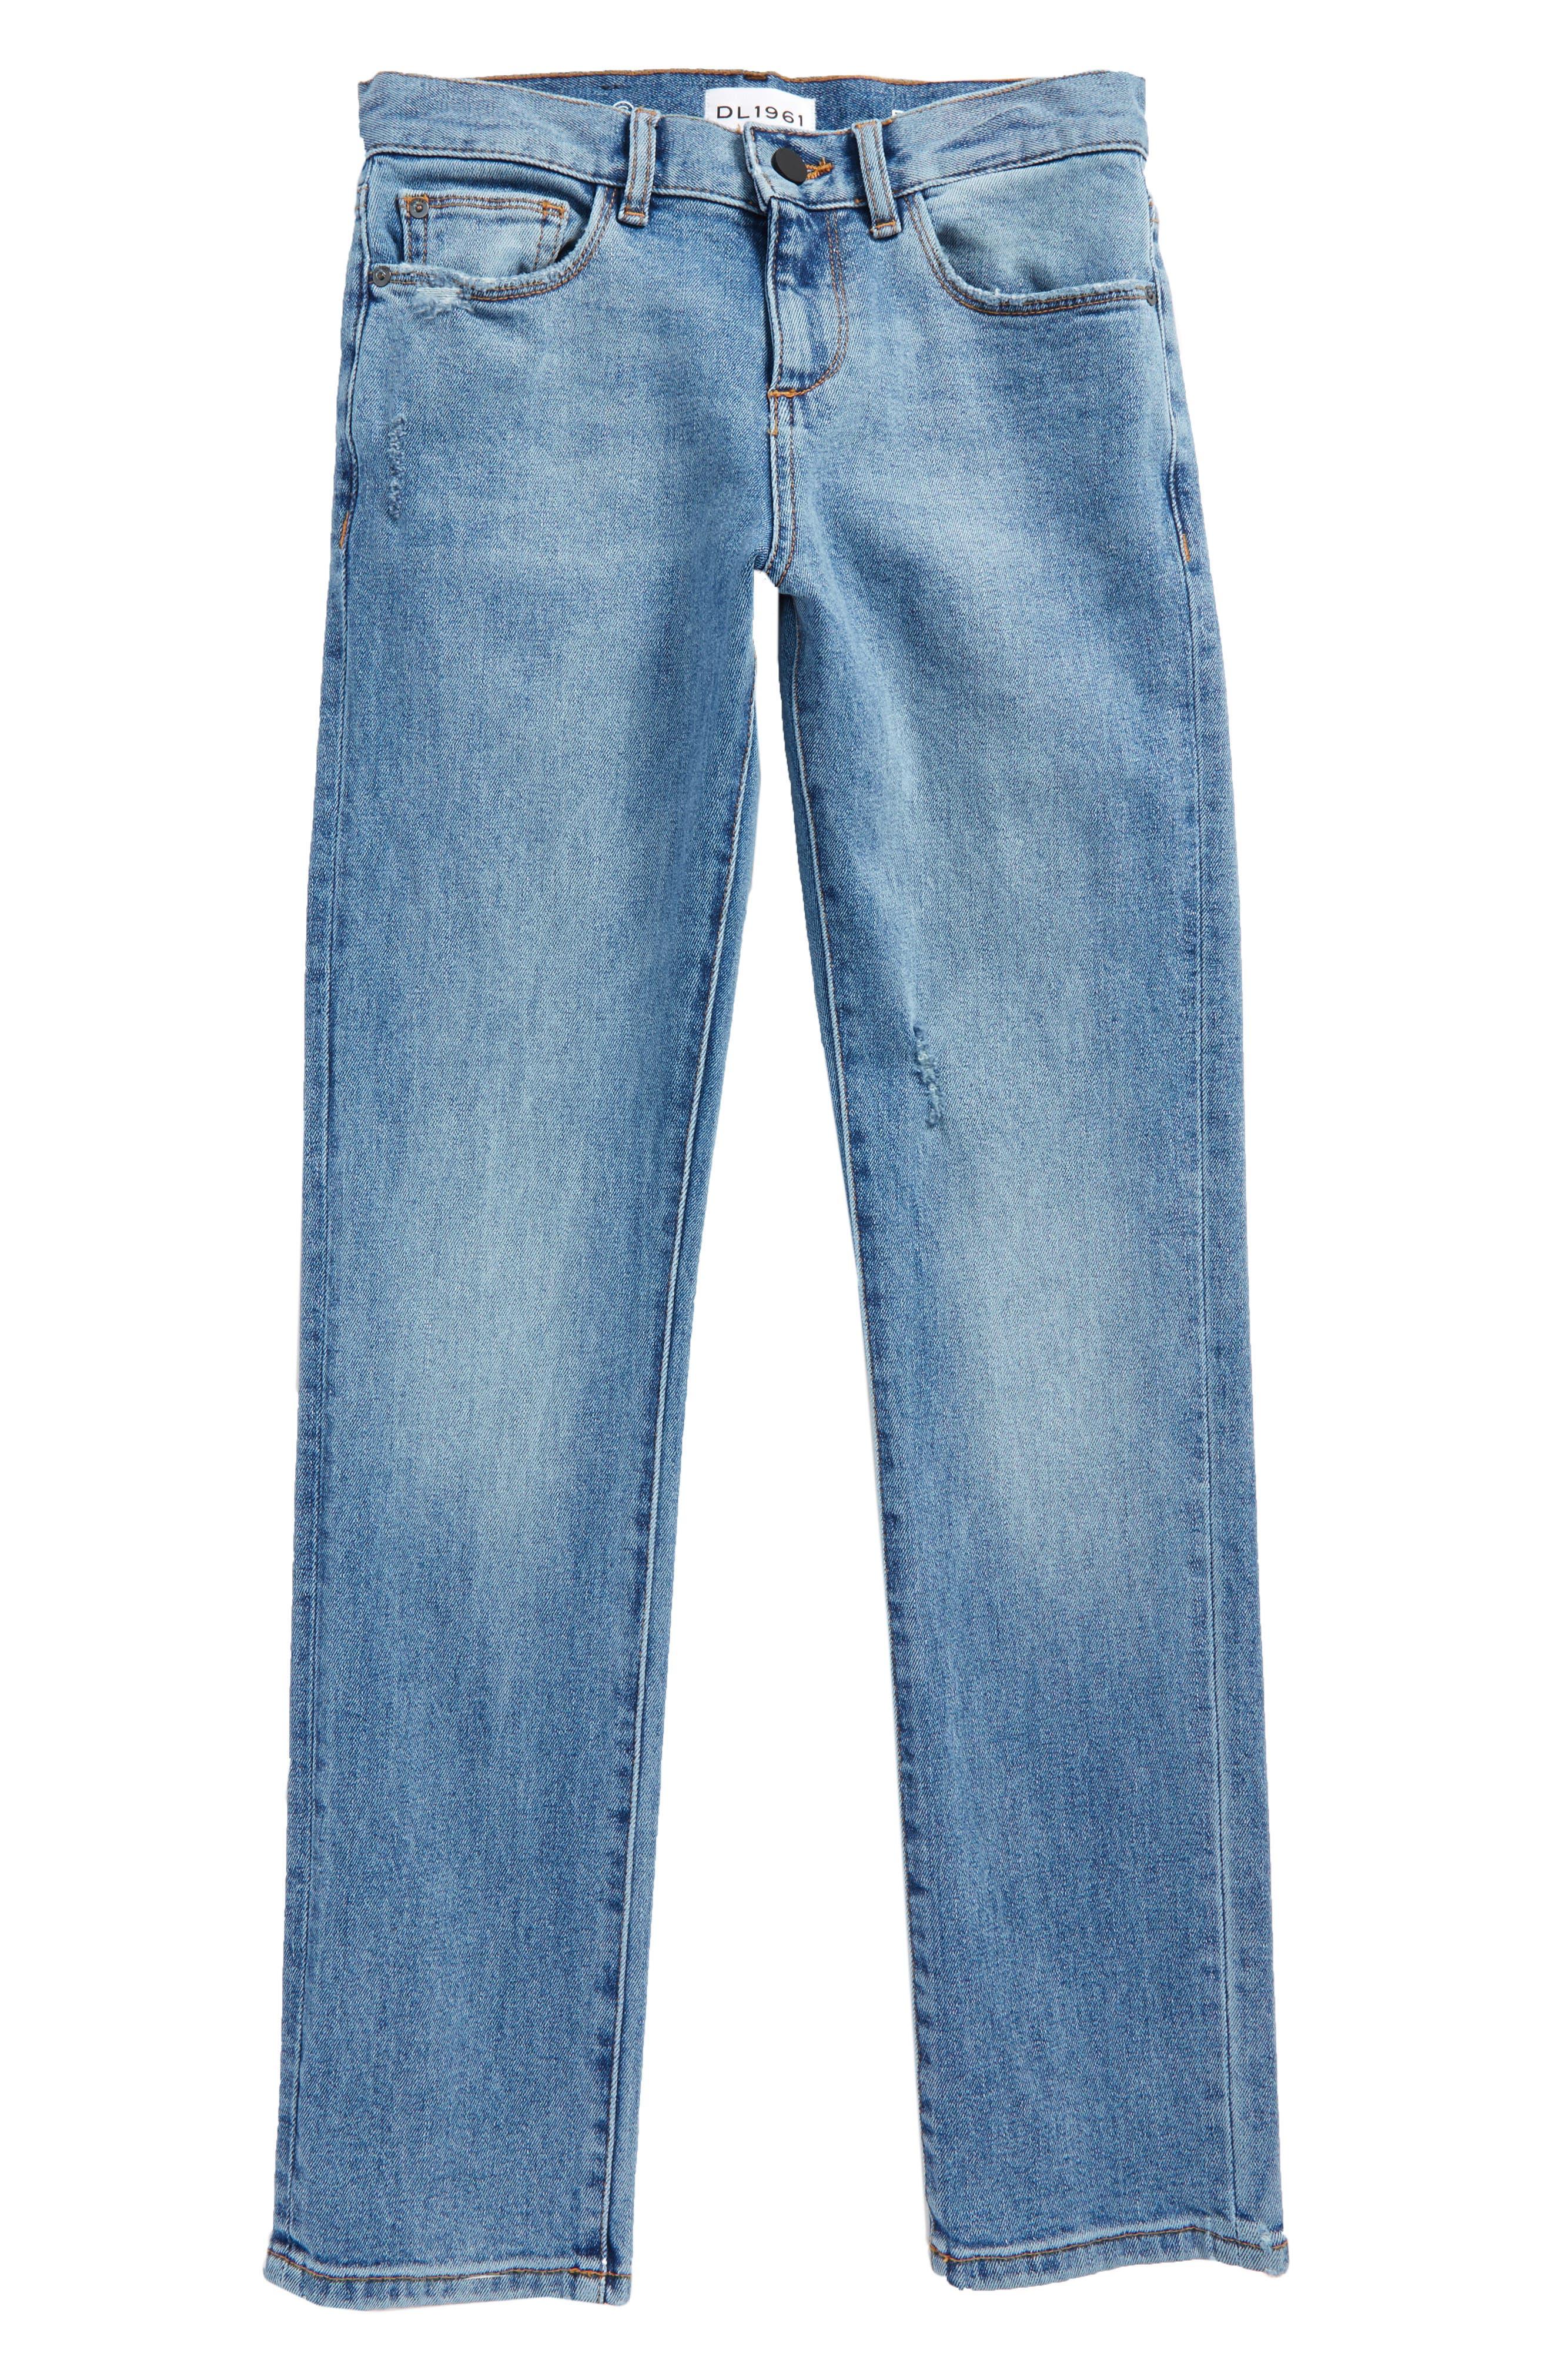 Brady Slim Fit Jeans,                             Main thumbnail 1, color,                             BREATHE